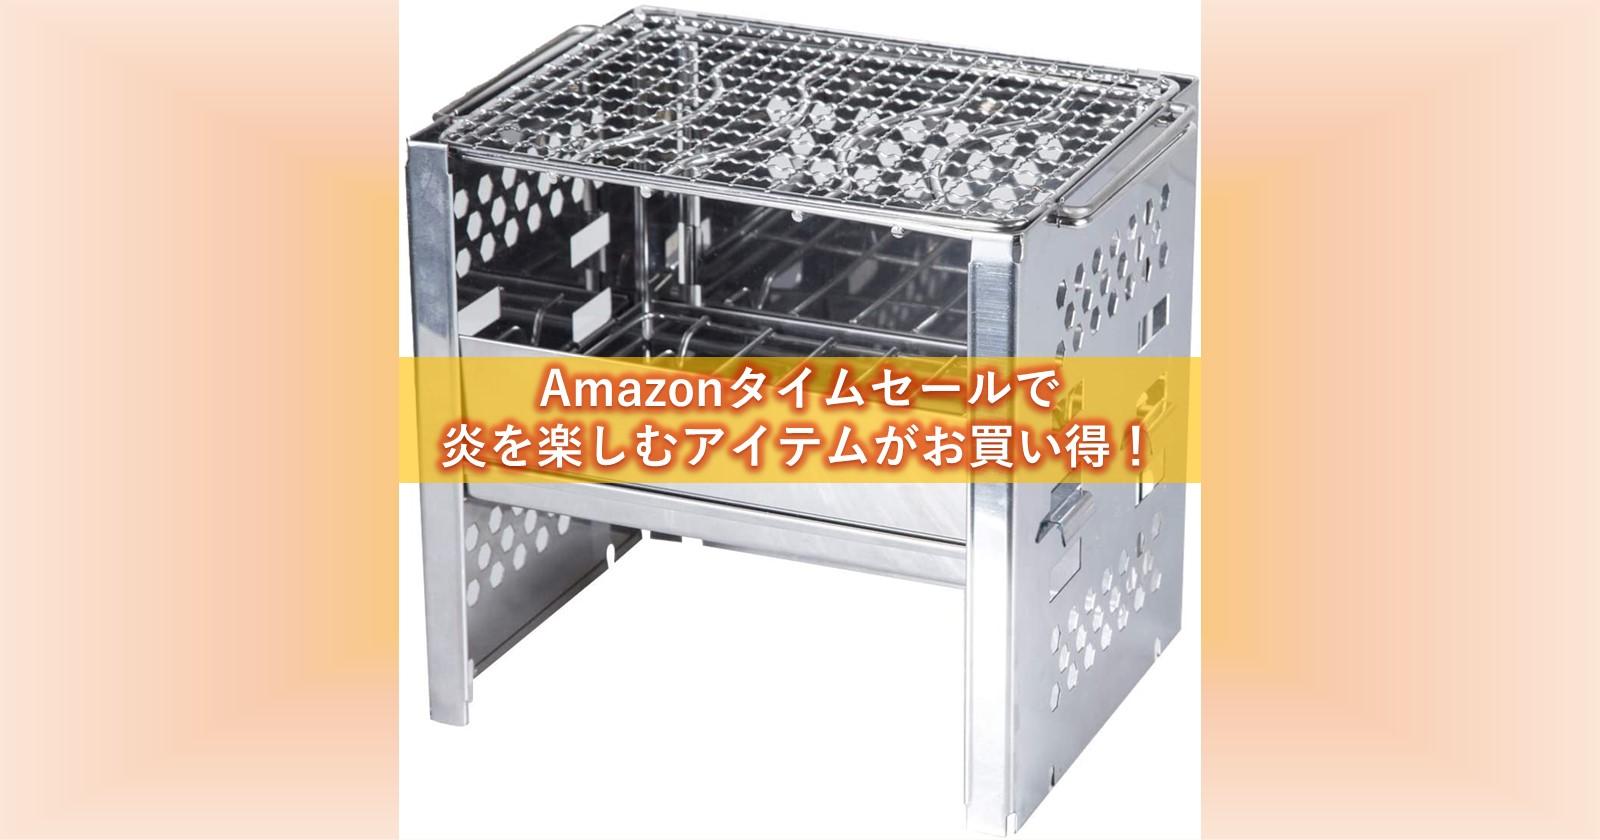 24%オフも!Amazonタイムセールで炎を楽しむアイテムがお買い得!!